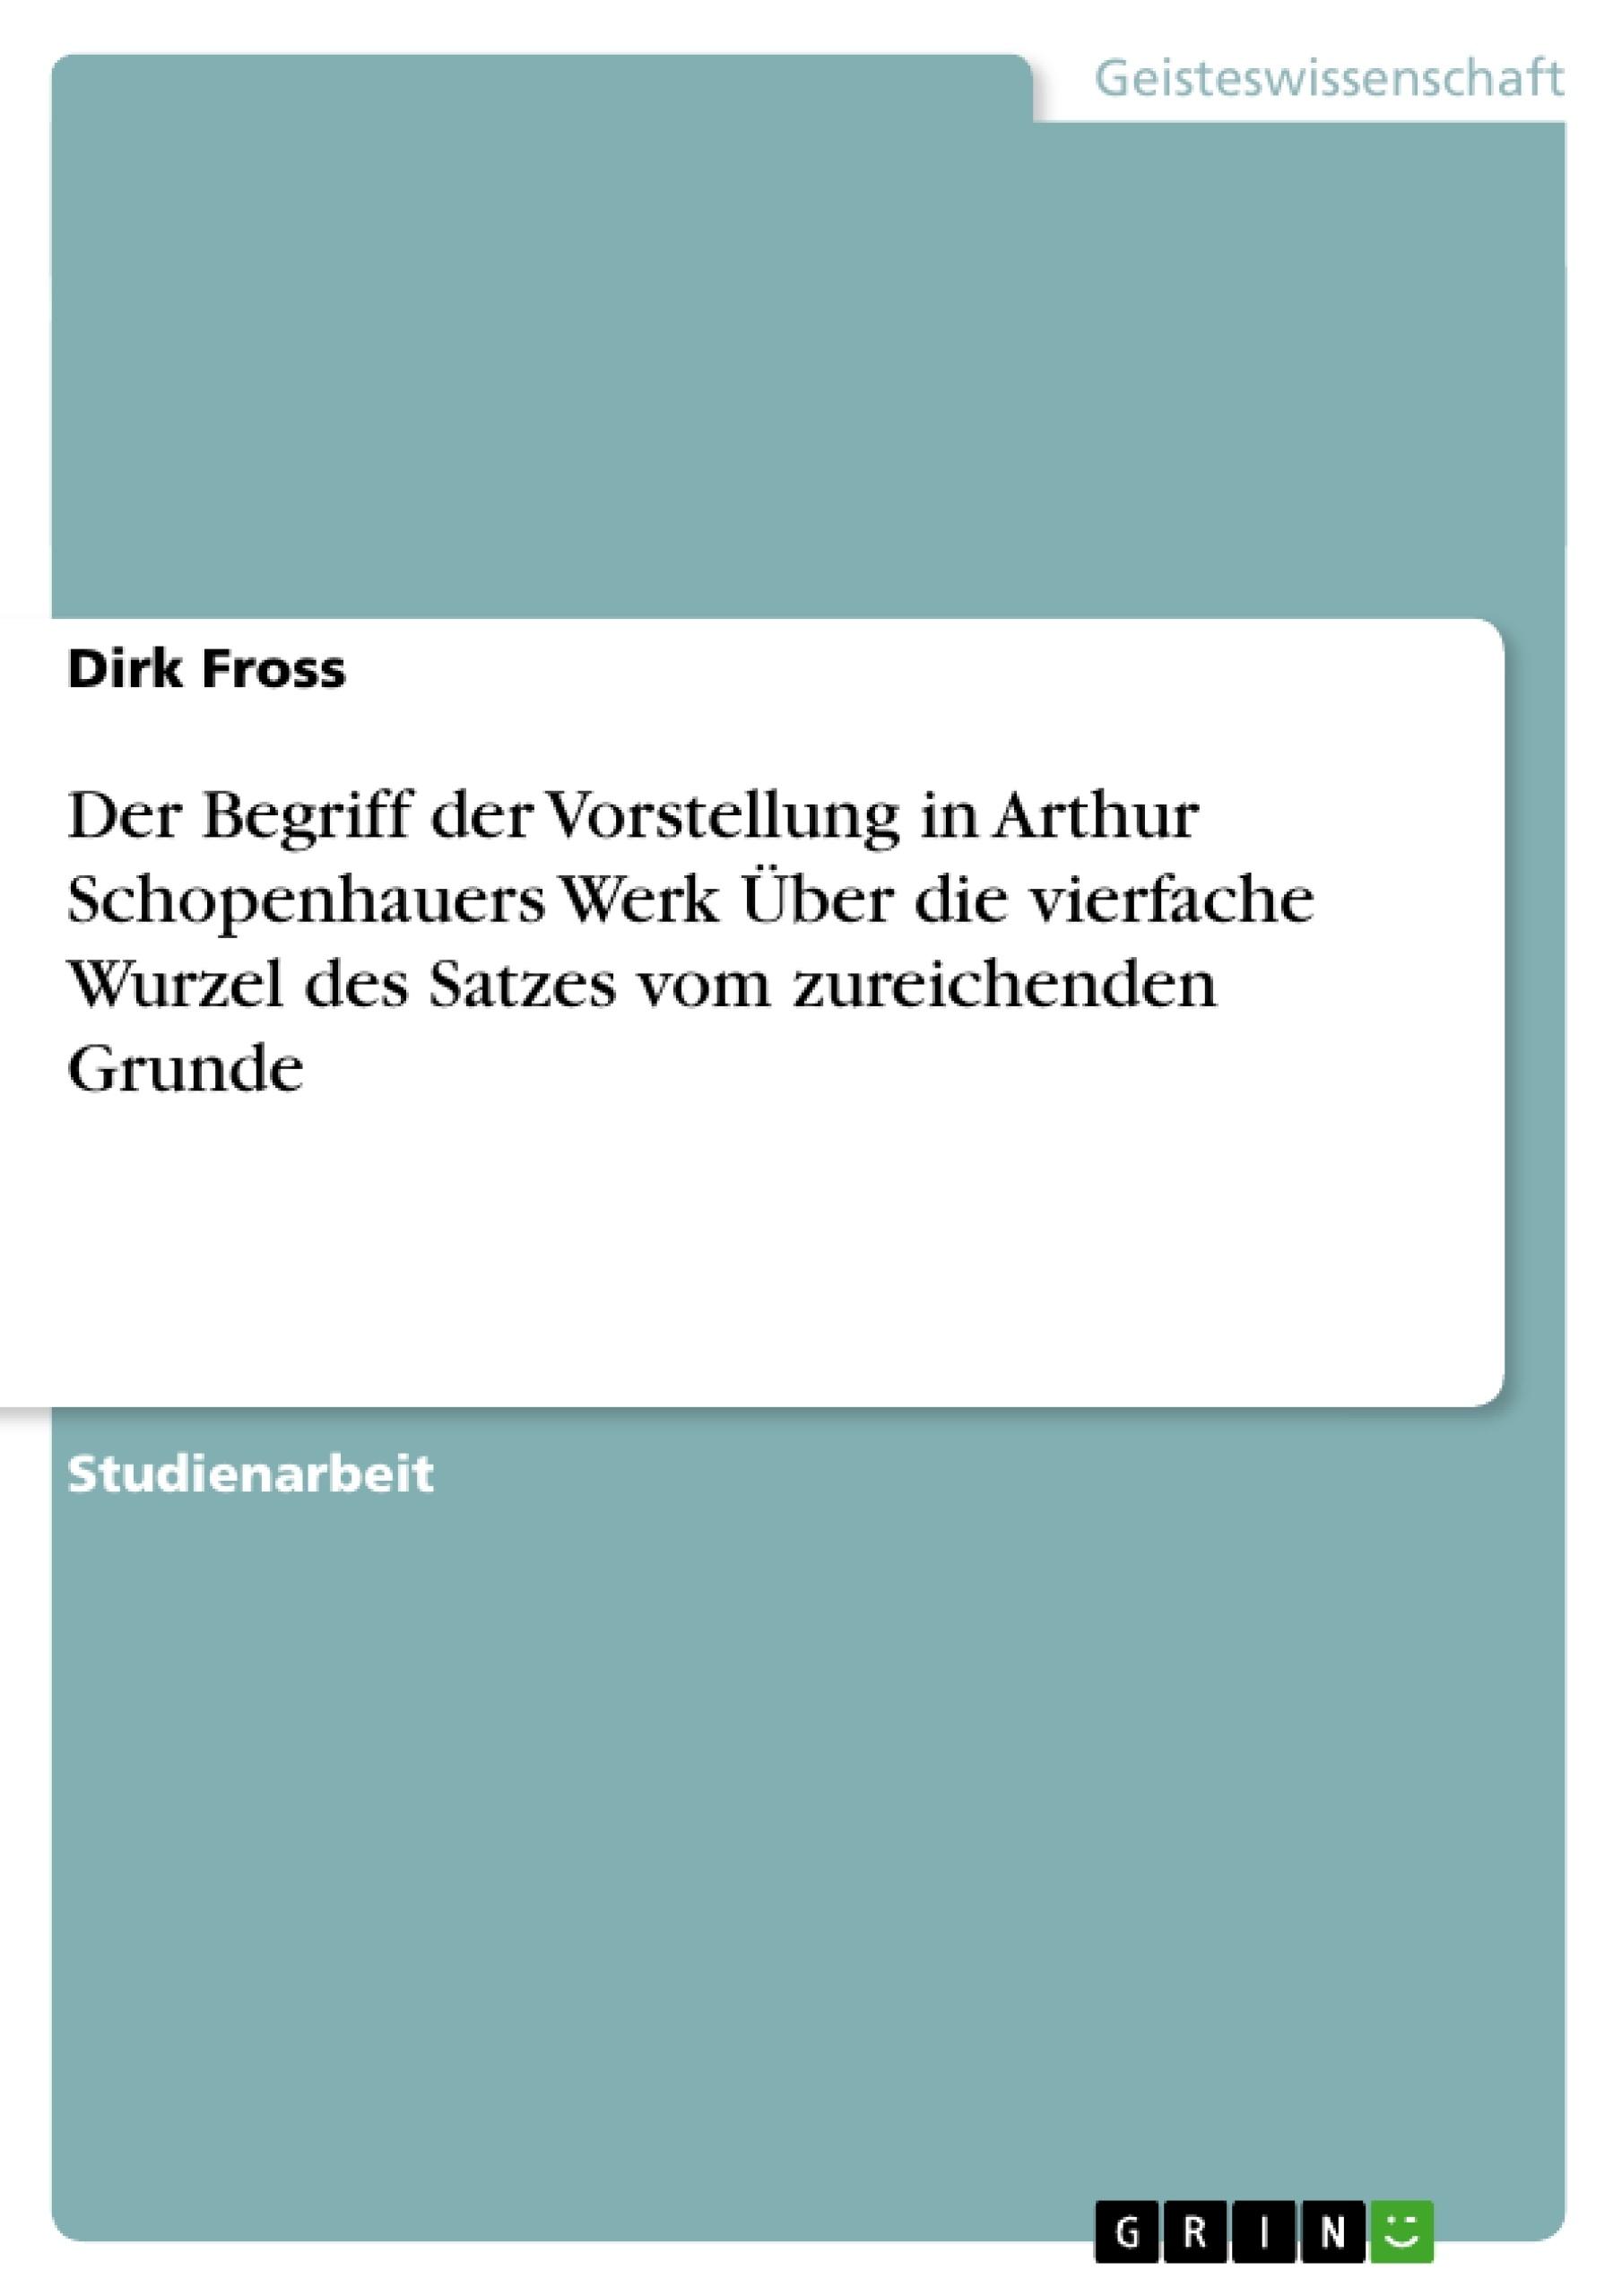 Titel: Der Begriff der Vorstellung in Arthur Schopenhauers Werk Über die vierfache Wurzel des Satzes vom zureichenden Grunde